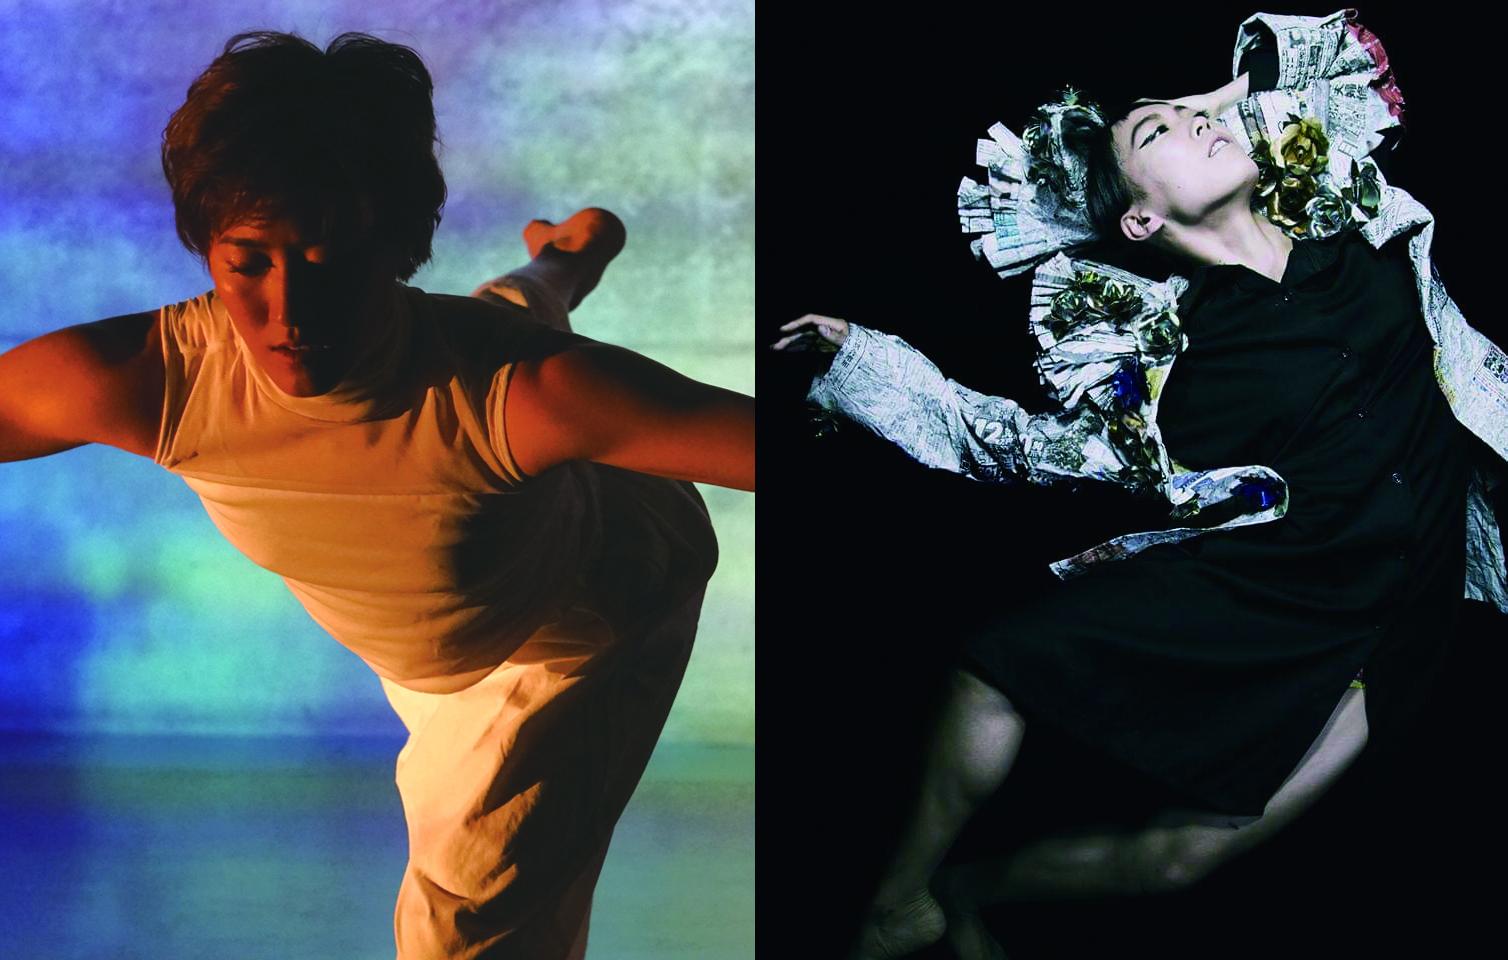 左・『ARTopia!』企画者でダンサーとして出演もする豊永洵子 右・豊永と共に『ARTopia!』をプロデュースし、新作ダンスの振付も担当する井田亜彩実